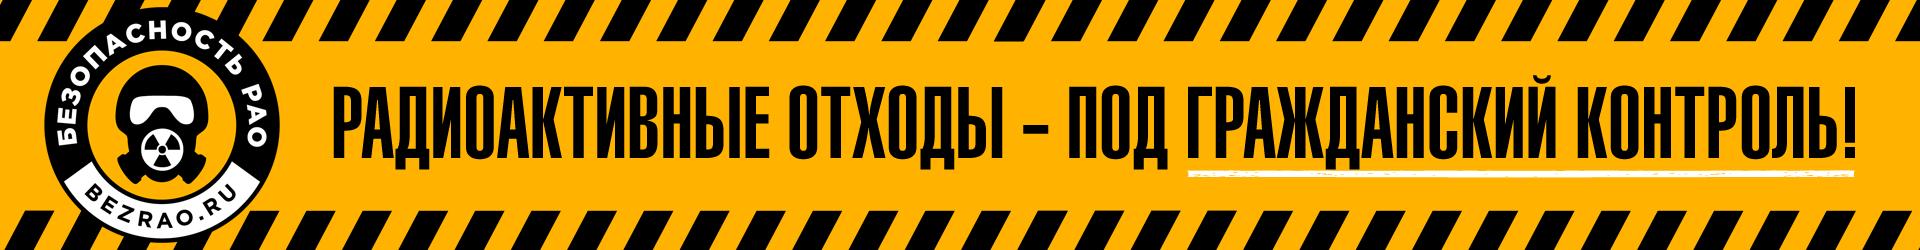 Безопасность радиоактивных отходов